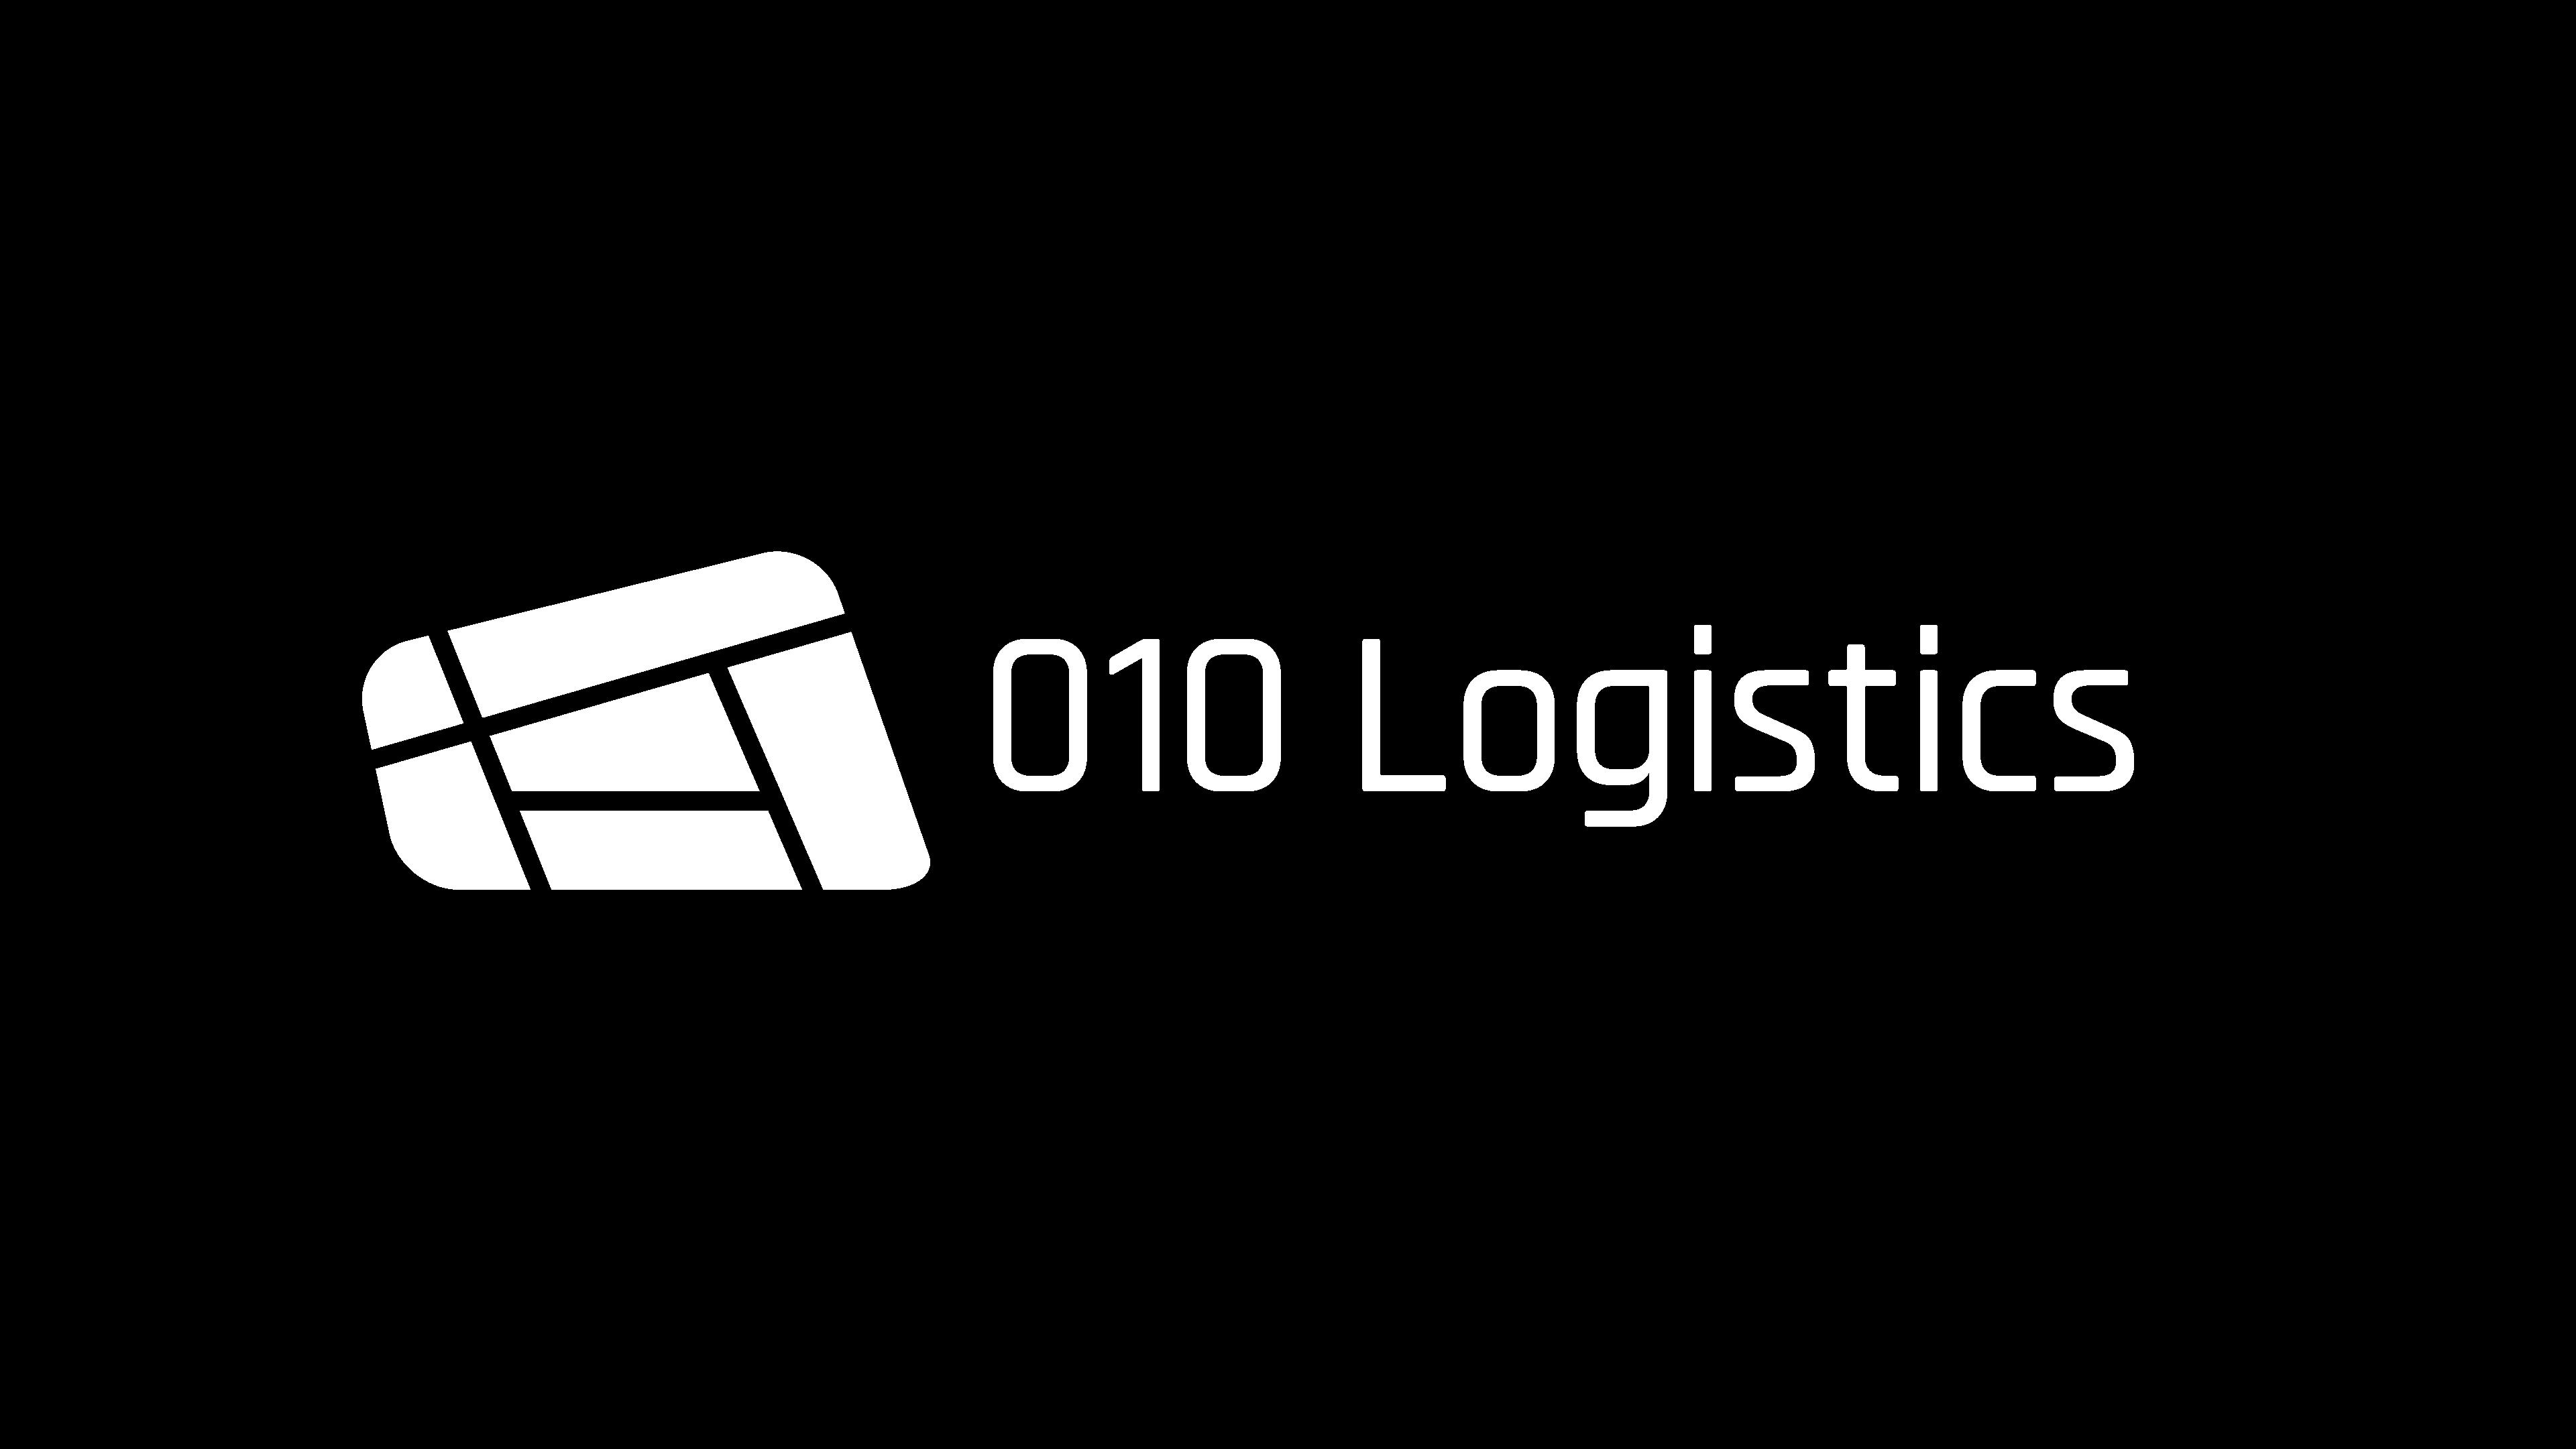 010Logistics